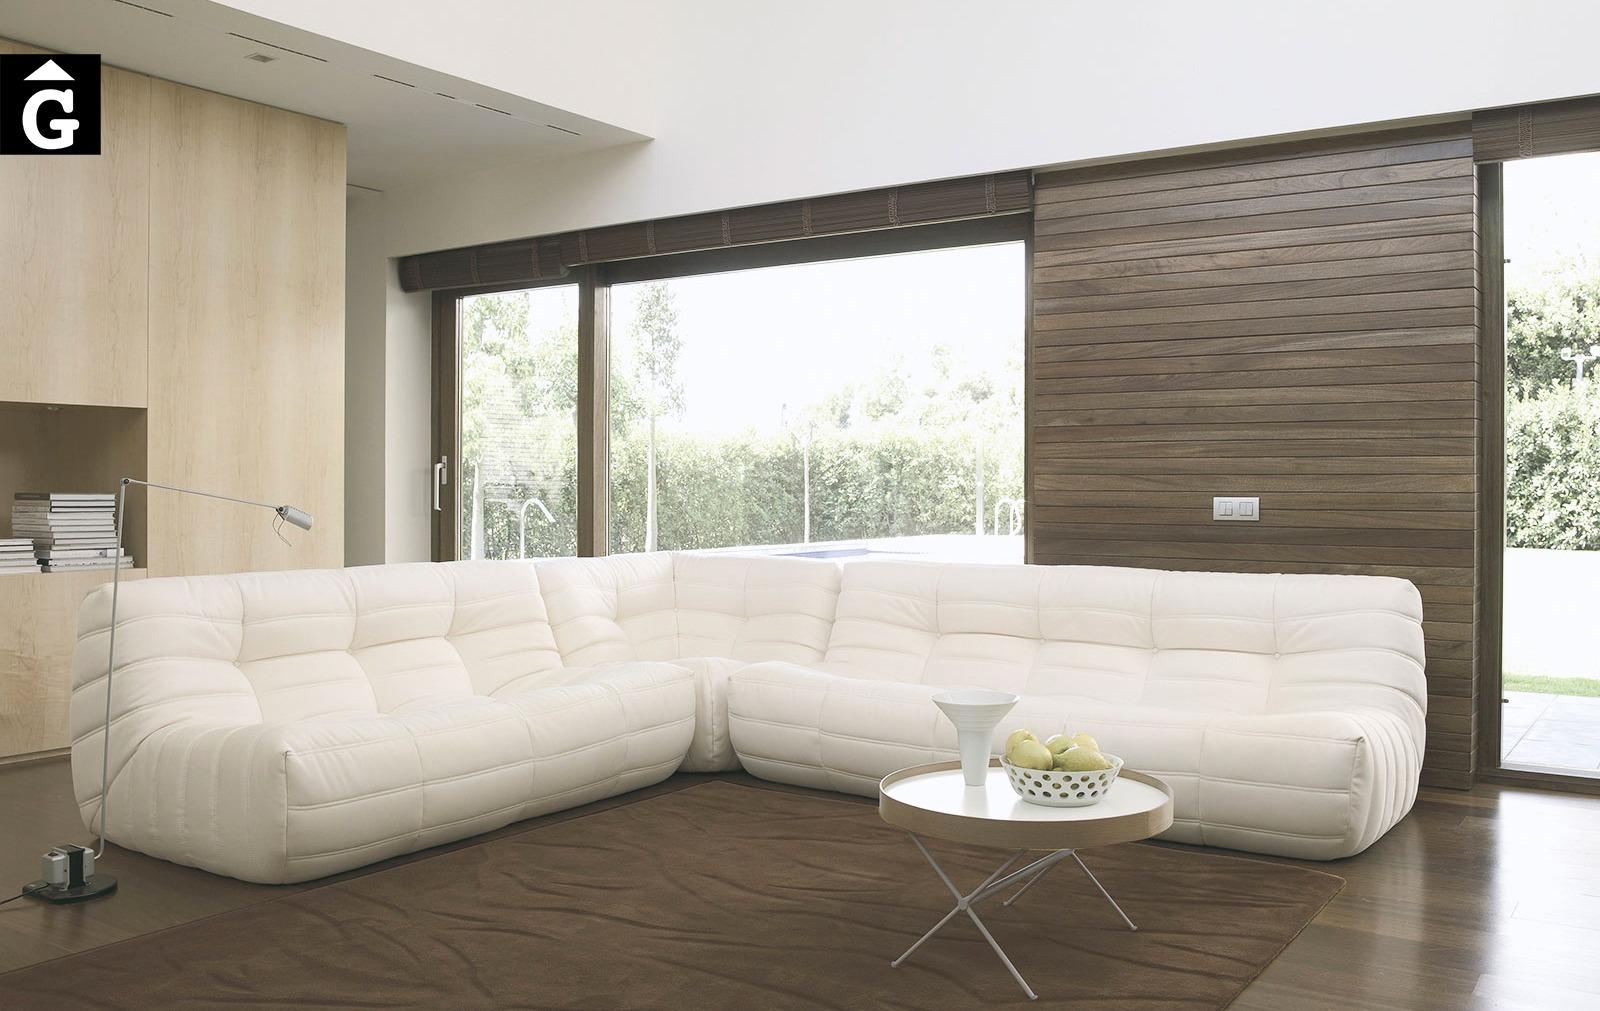 Sofà raconer Oruga | Atemporal | Ethical home interiors | Gifreu | sofas | Girona